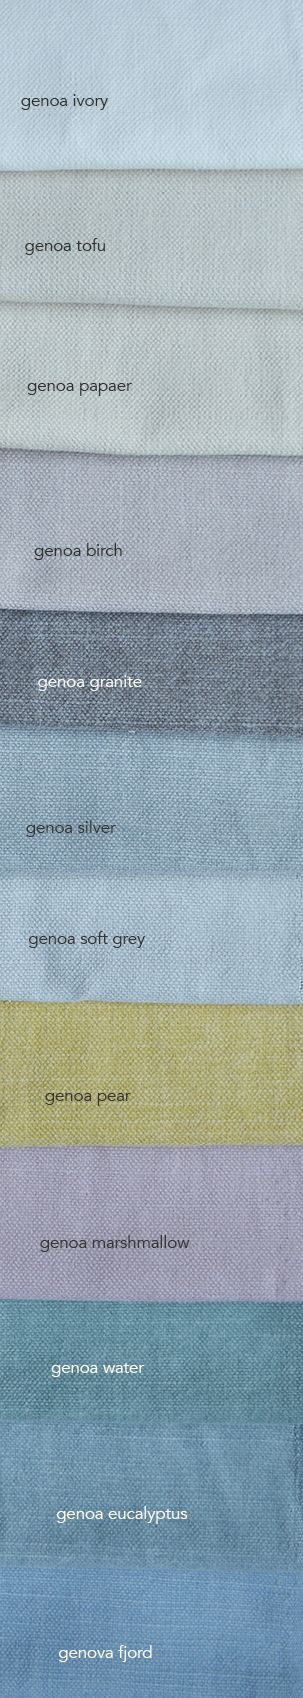 genoa is een mooi half linnen gordijnstof. Panama geweven en met een stoere wassing (stonewash) er over heen. Dus stoere vegen. Het is een mooie stoerezware stof. €34,95p/m Heel mooi voor gordijnen op maat!